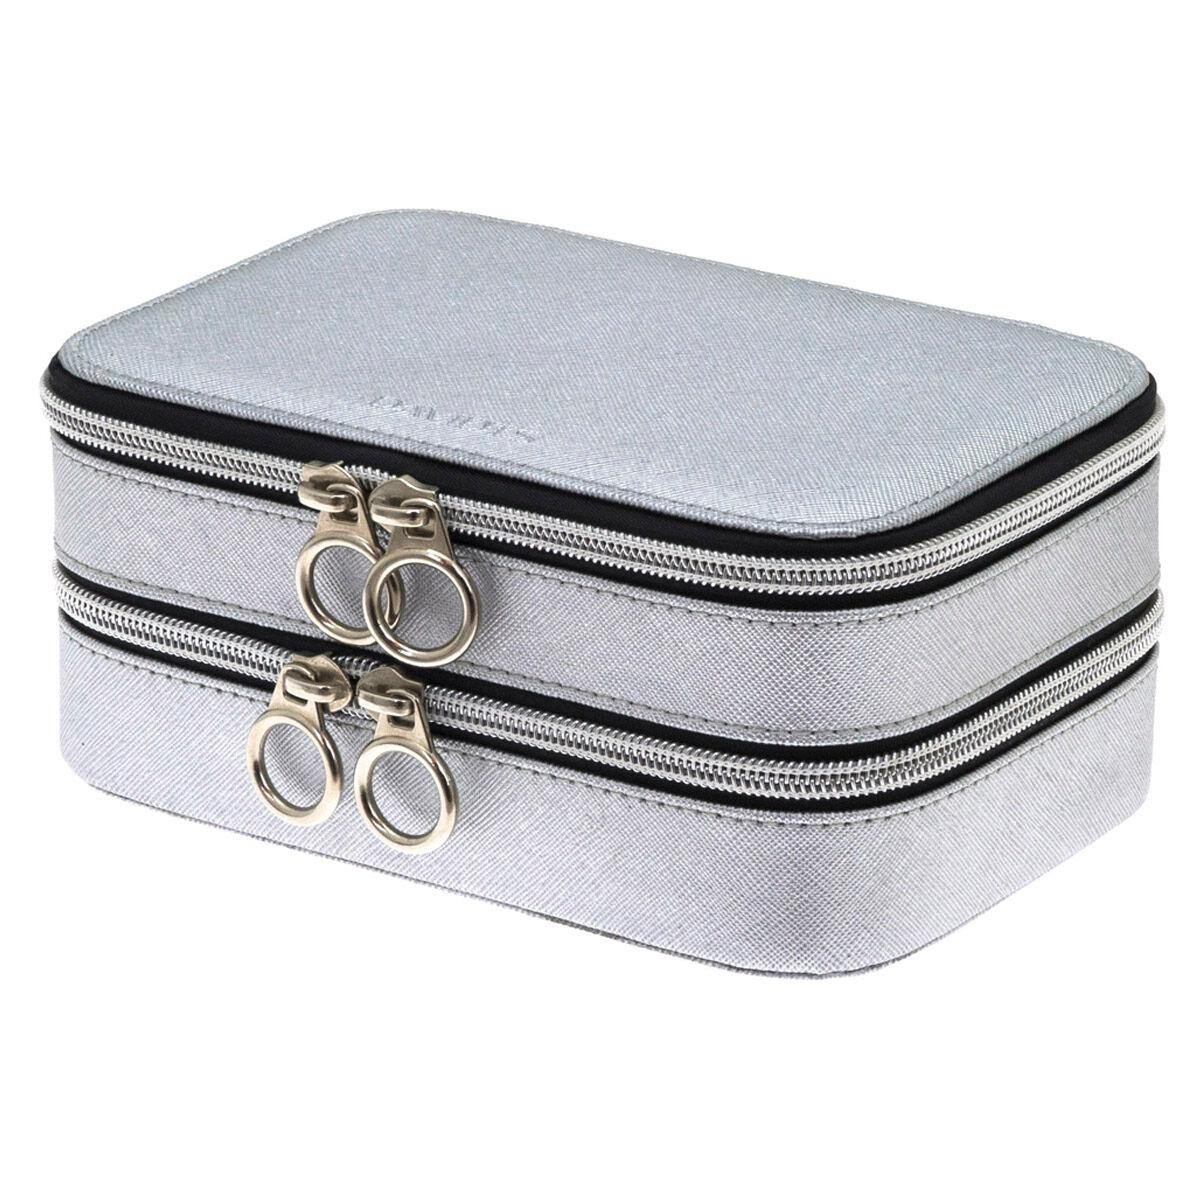 """Les Trésors de Lily Coffret à bijoux zippé """"Zip'n go"""" gris argenté (2 compartiments) - 18x12x8 cm"""